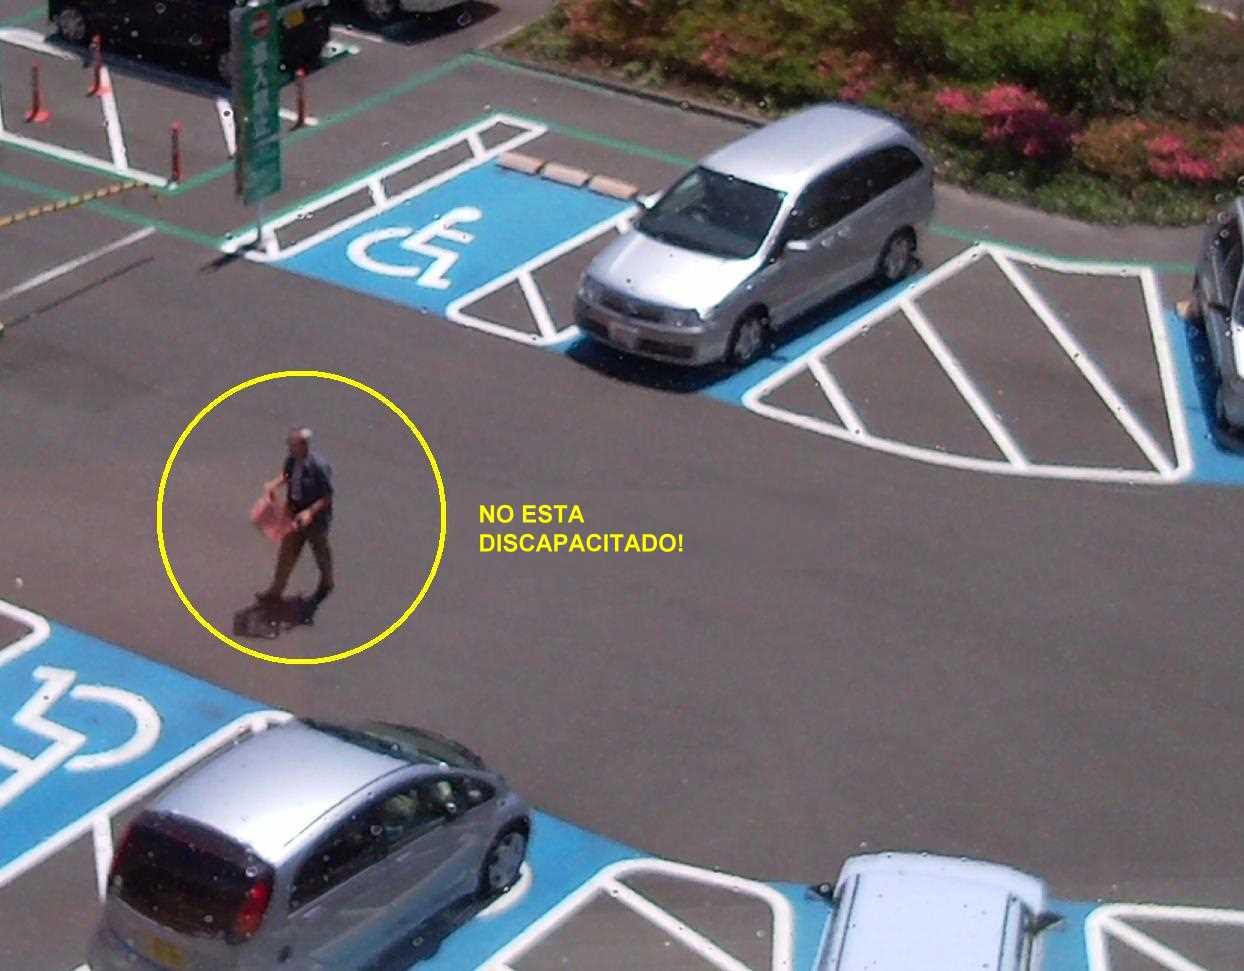 como encontrar un estacionamiento - 05